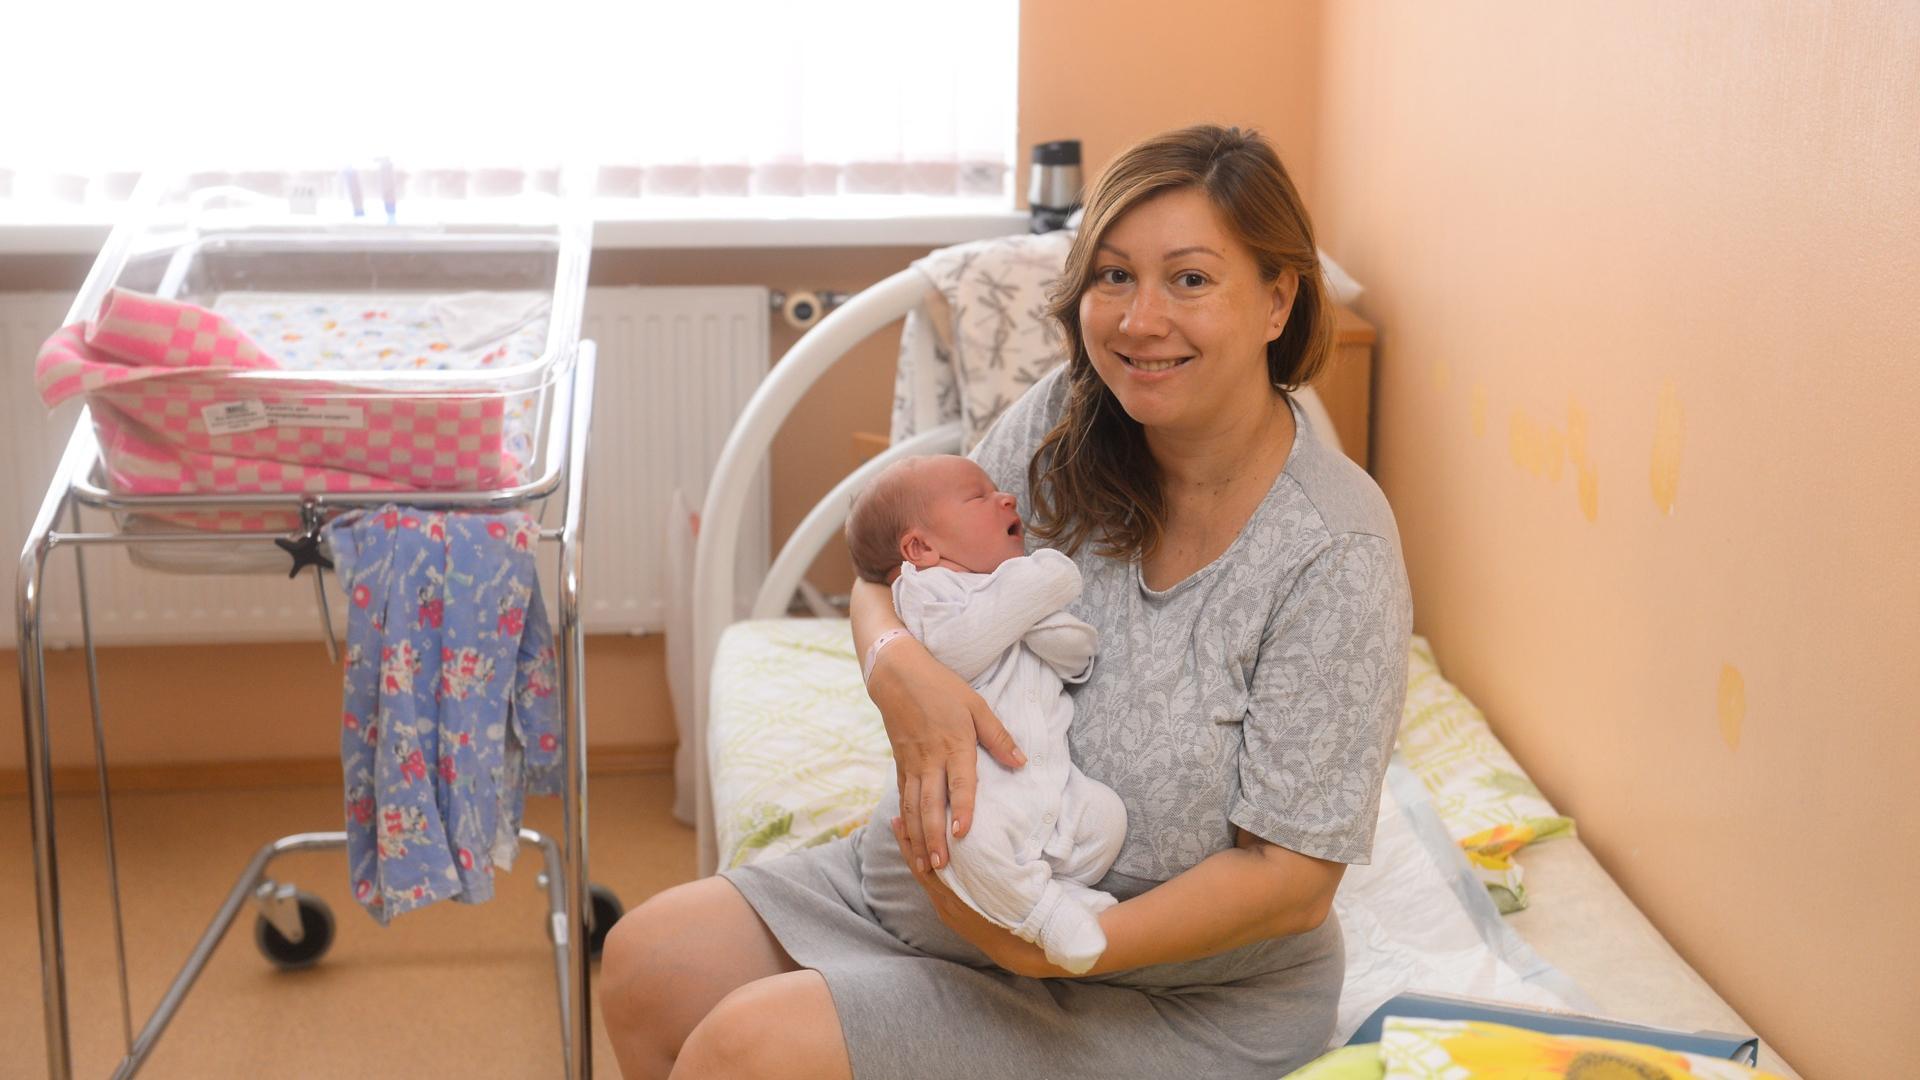 Передача SARS-Cov-2 через плаценту вероятнее всего происходит на ранних сроках беременности